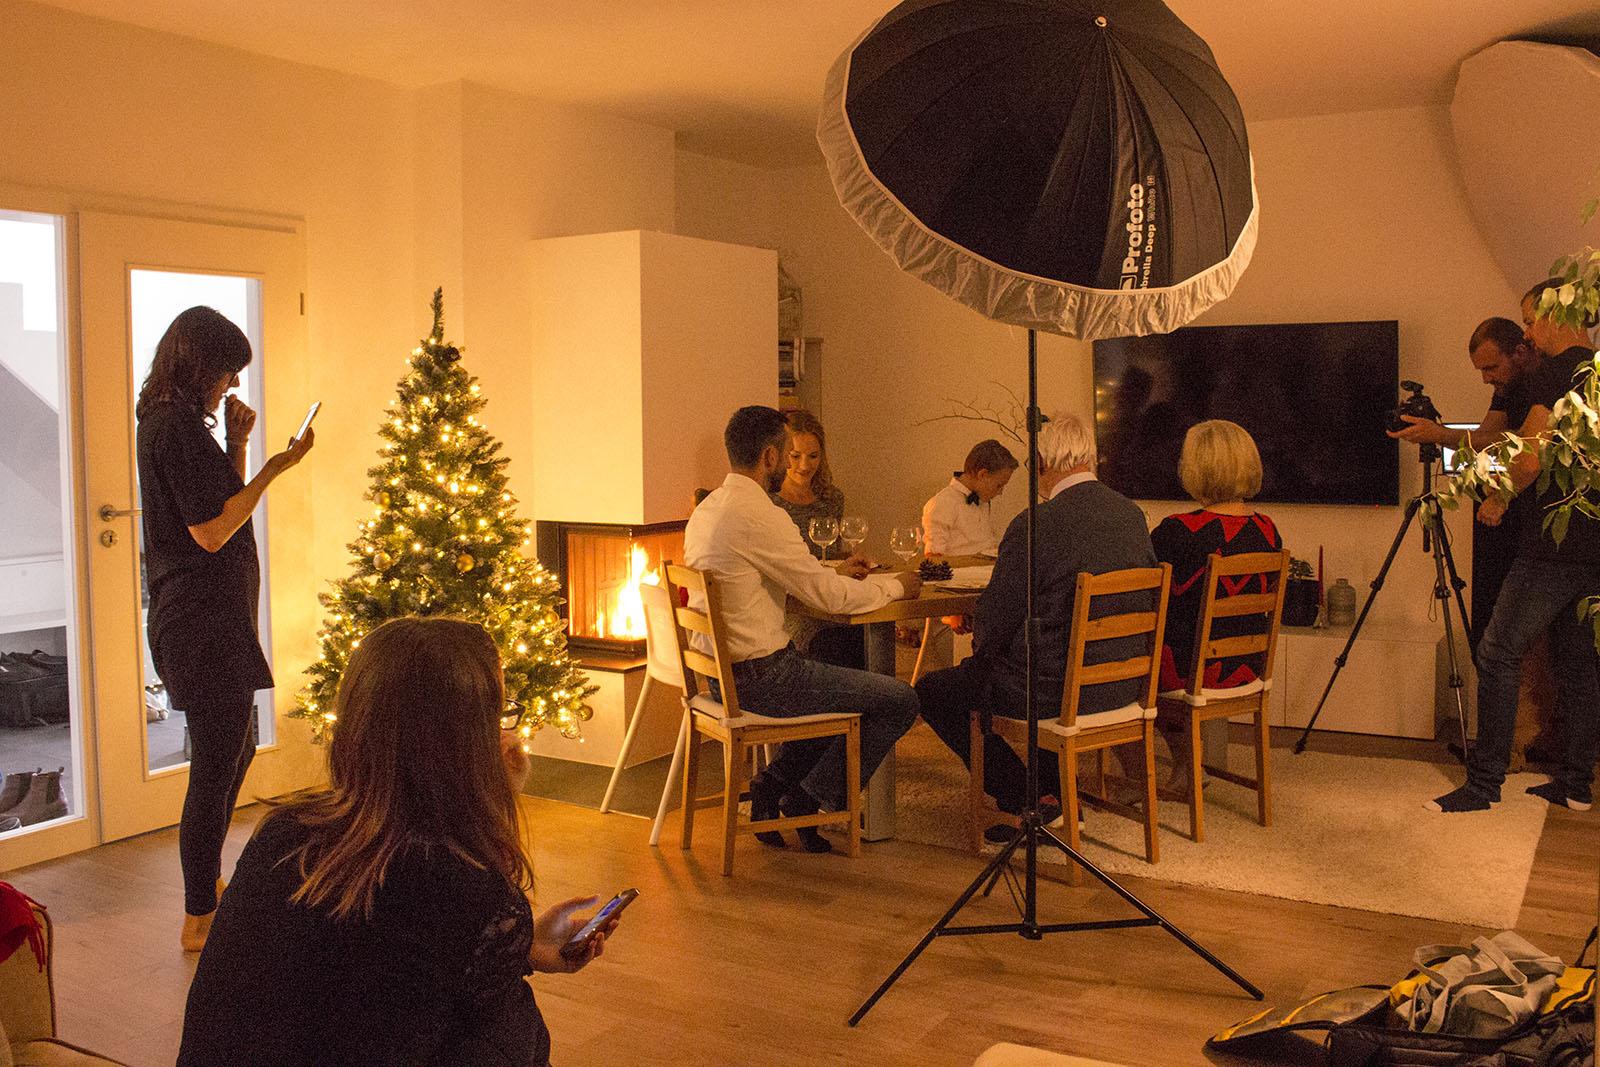 Sitzprobe an der Weihnachtstafel.